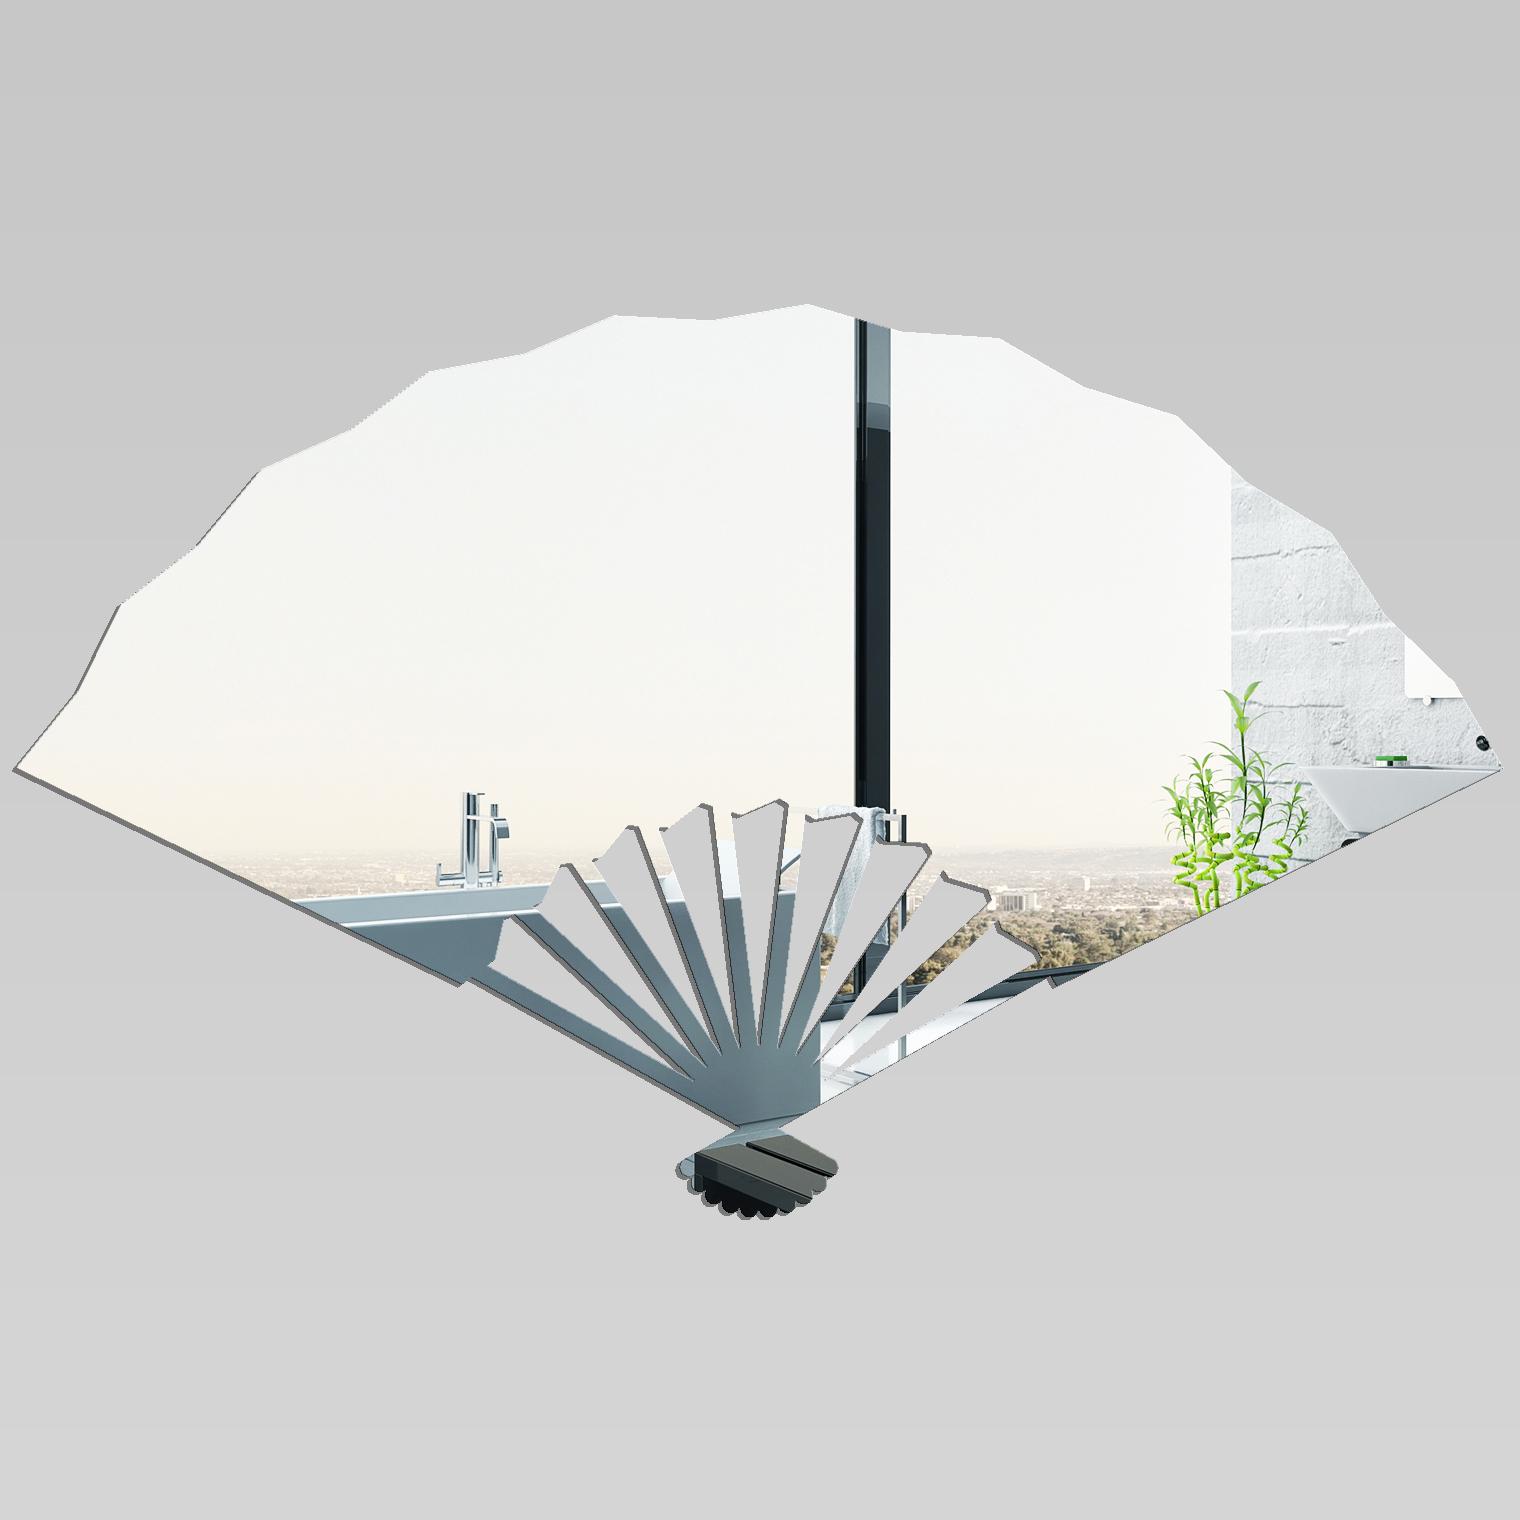 Ventagli Da Parete Decorativi adesivi follia : specchio acrilico plexiglass - ventaglio